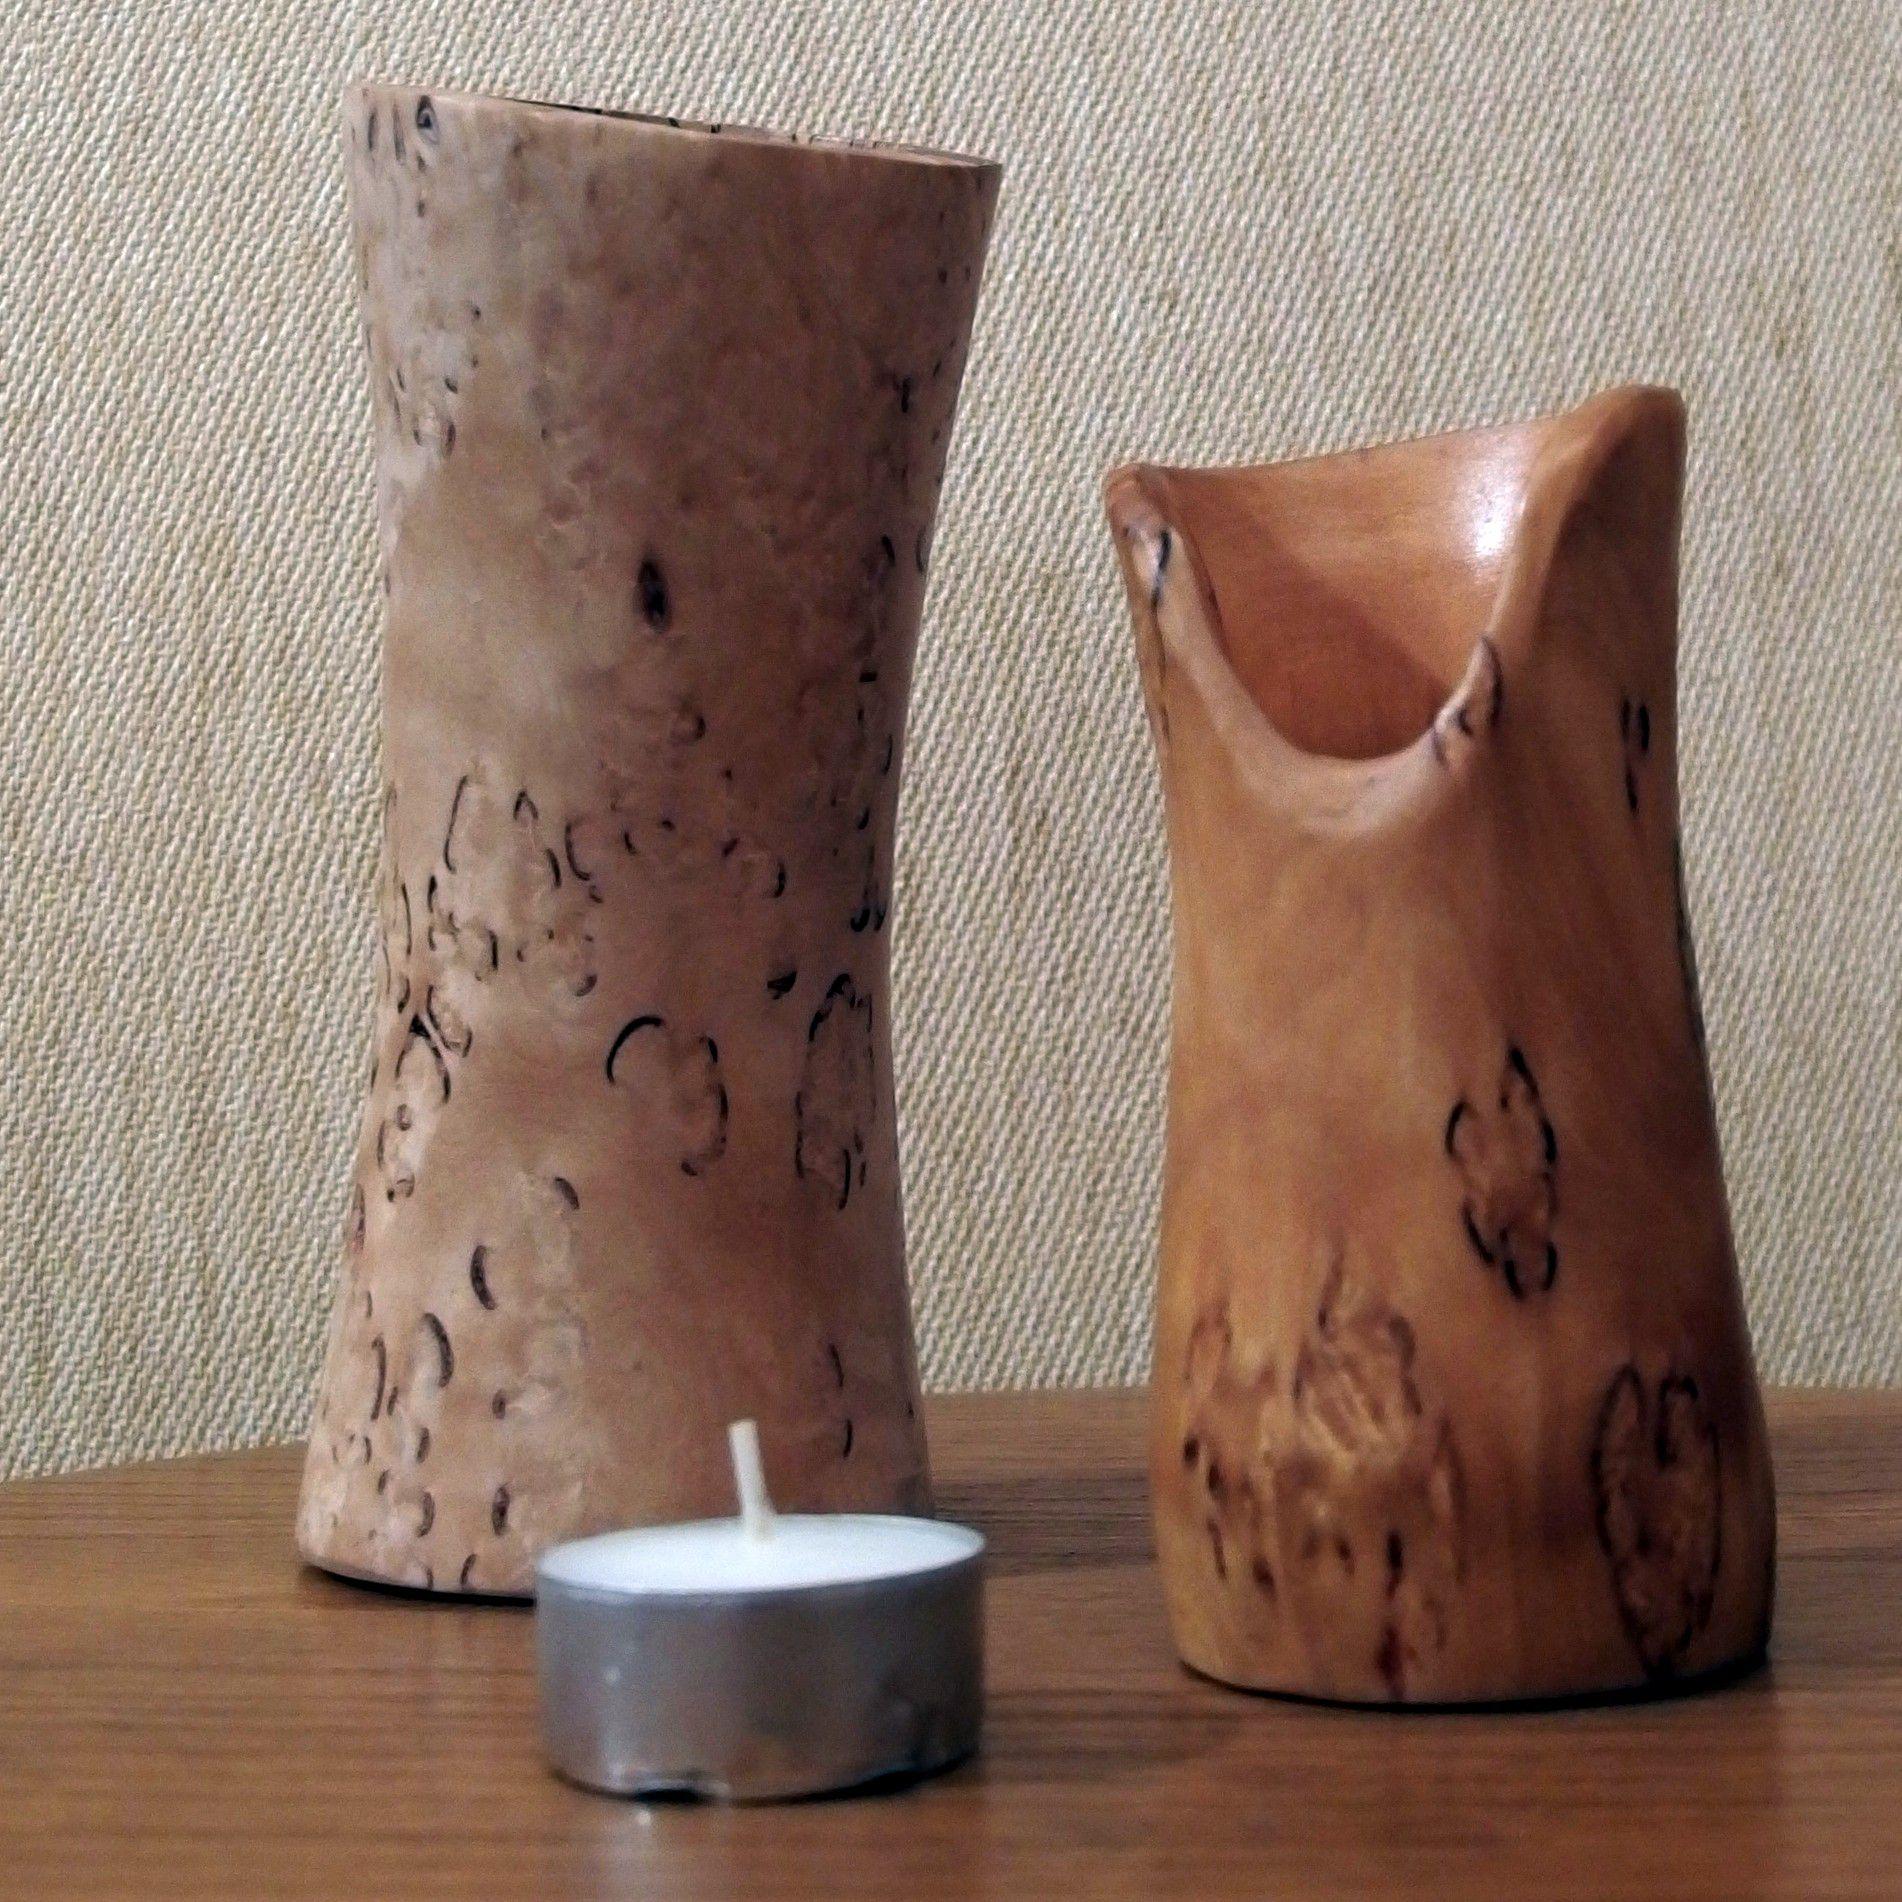 дом прихожая уют интерьер ваза кухня экология загородный гостиная